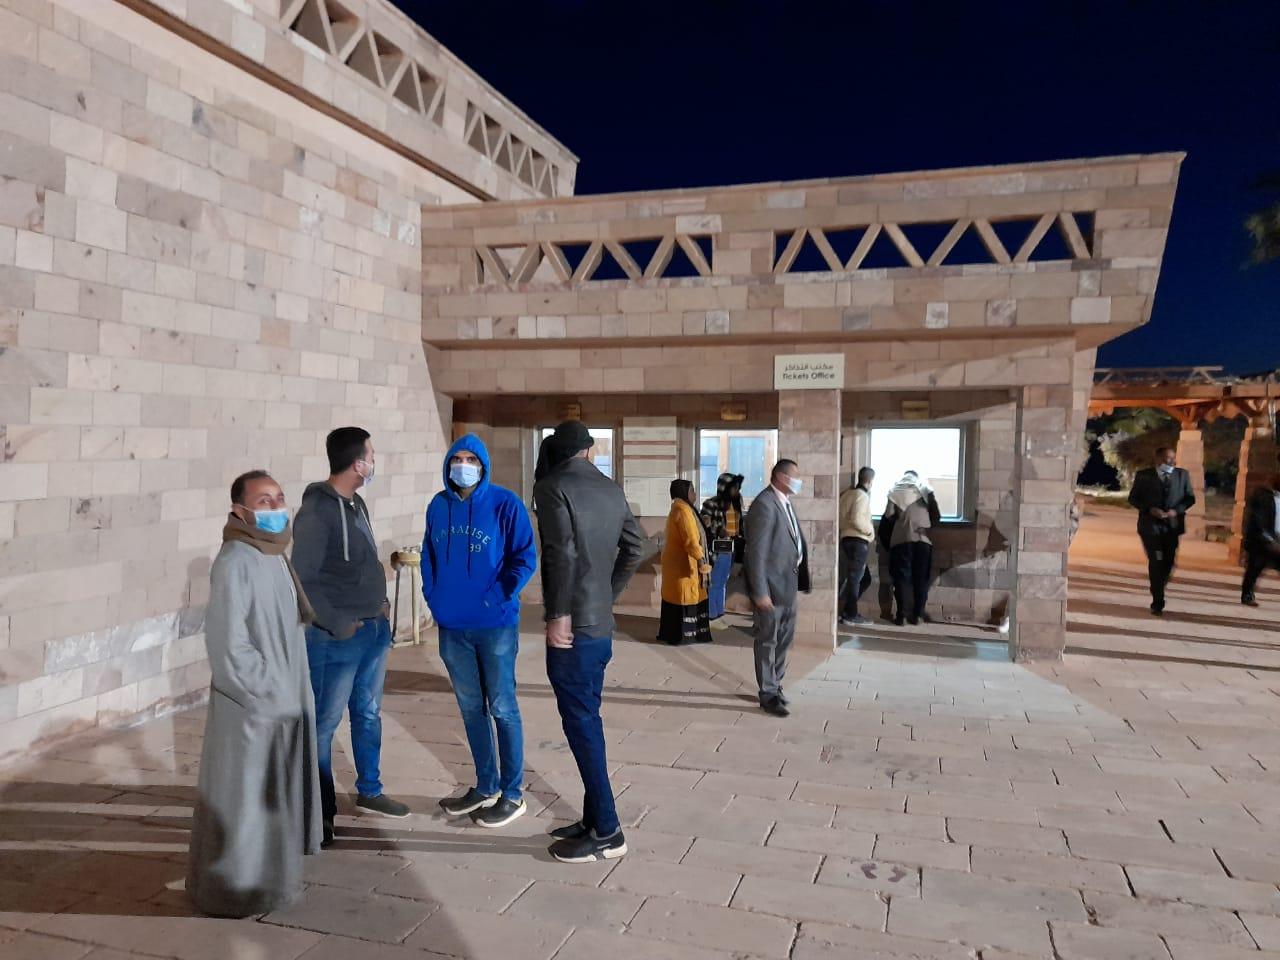 توافد الزوار على معبد أبوسمبل لحضور تعامد الشمس (1)